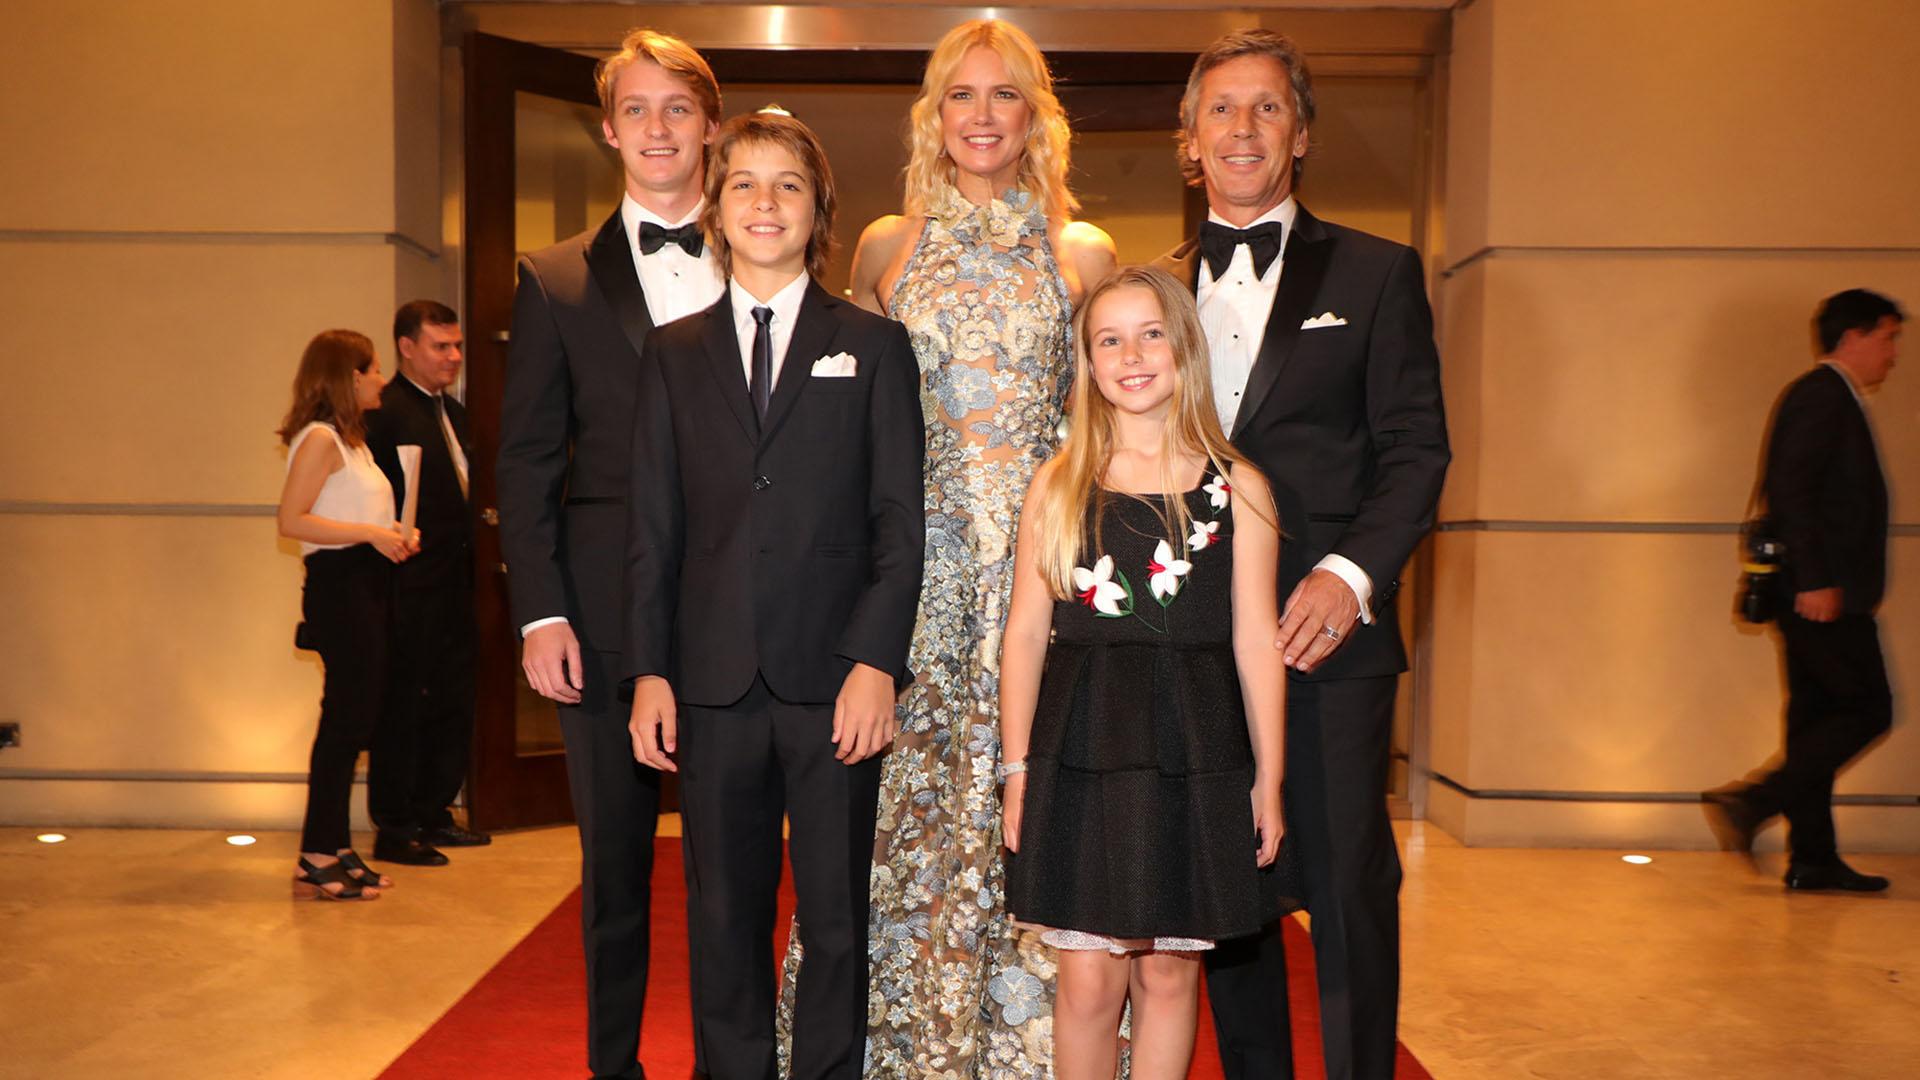 Valeria Mazza y Alejandro Gravier junto a sus hijos Balthazar, Benicio y Taina